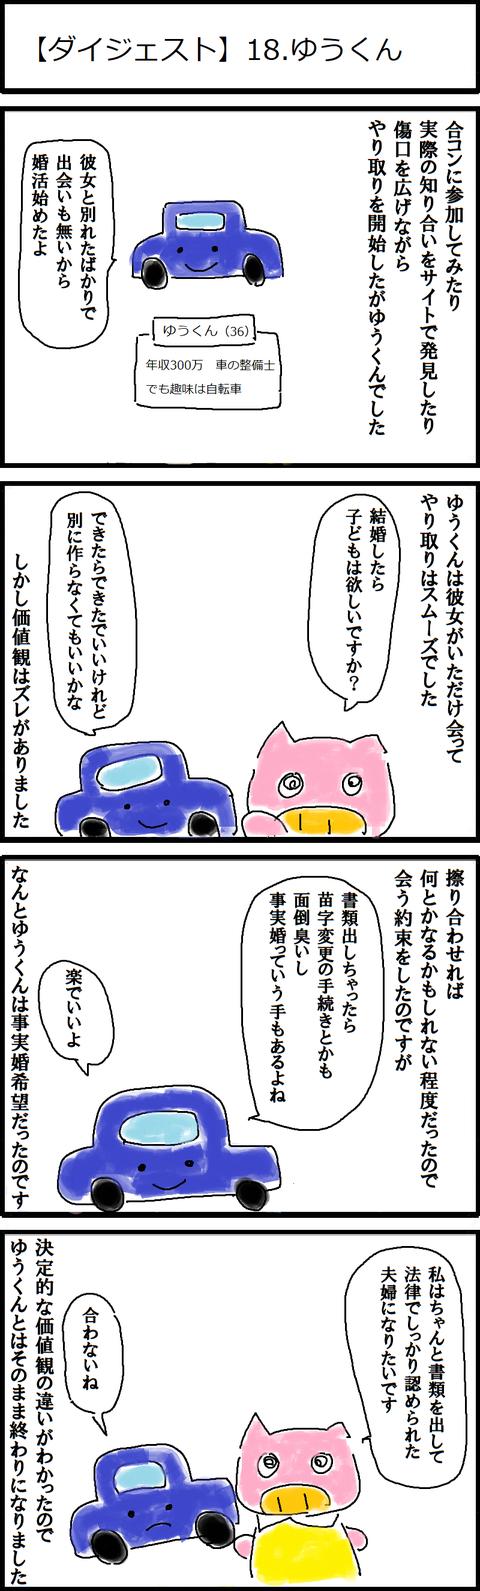 【ダイジェスト】18.ゆうくん